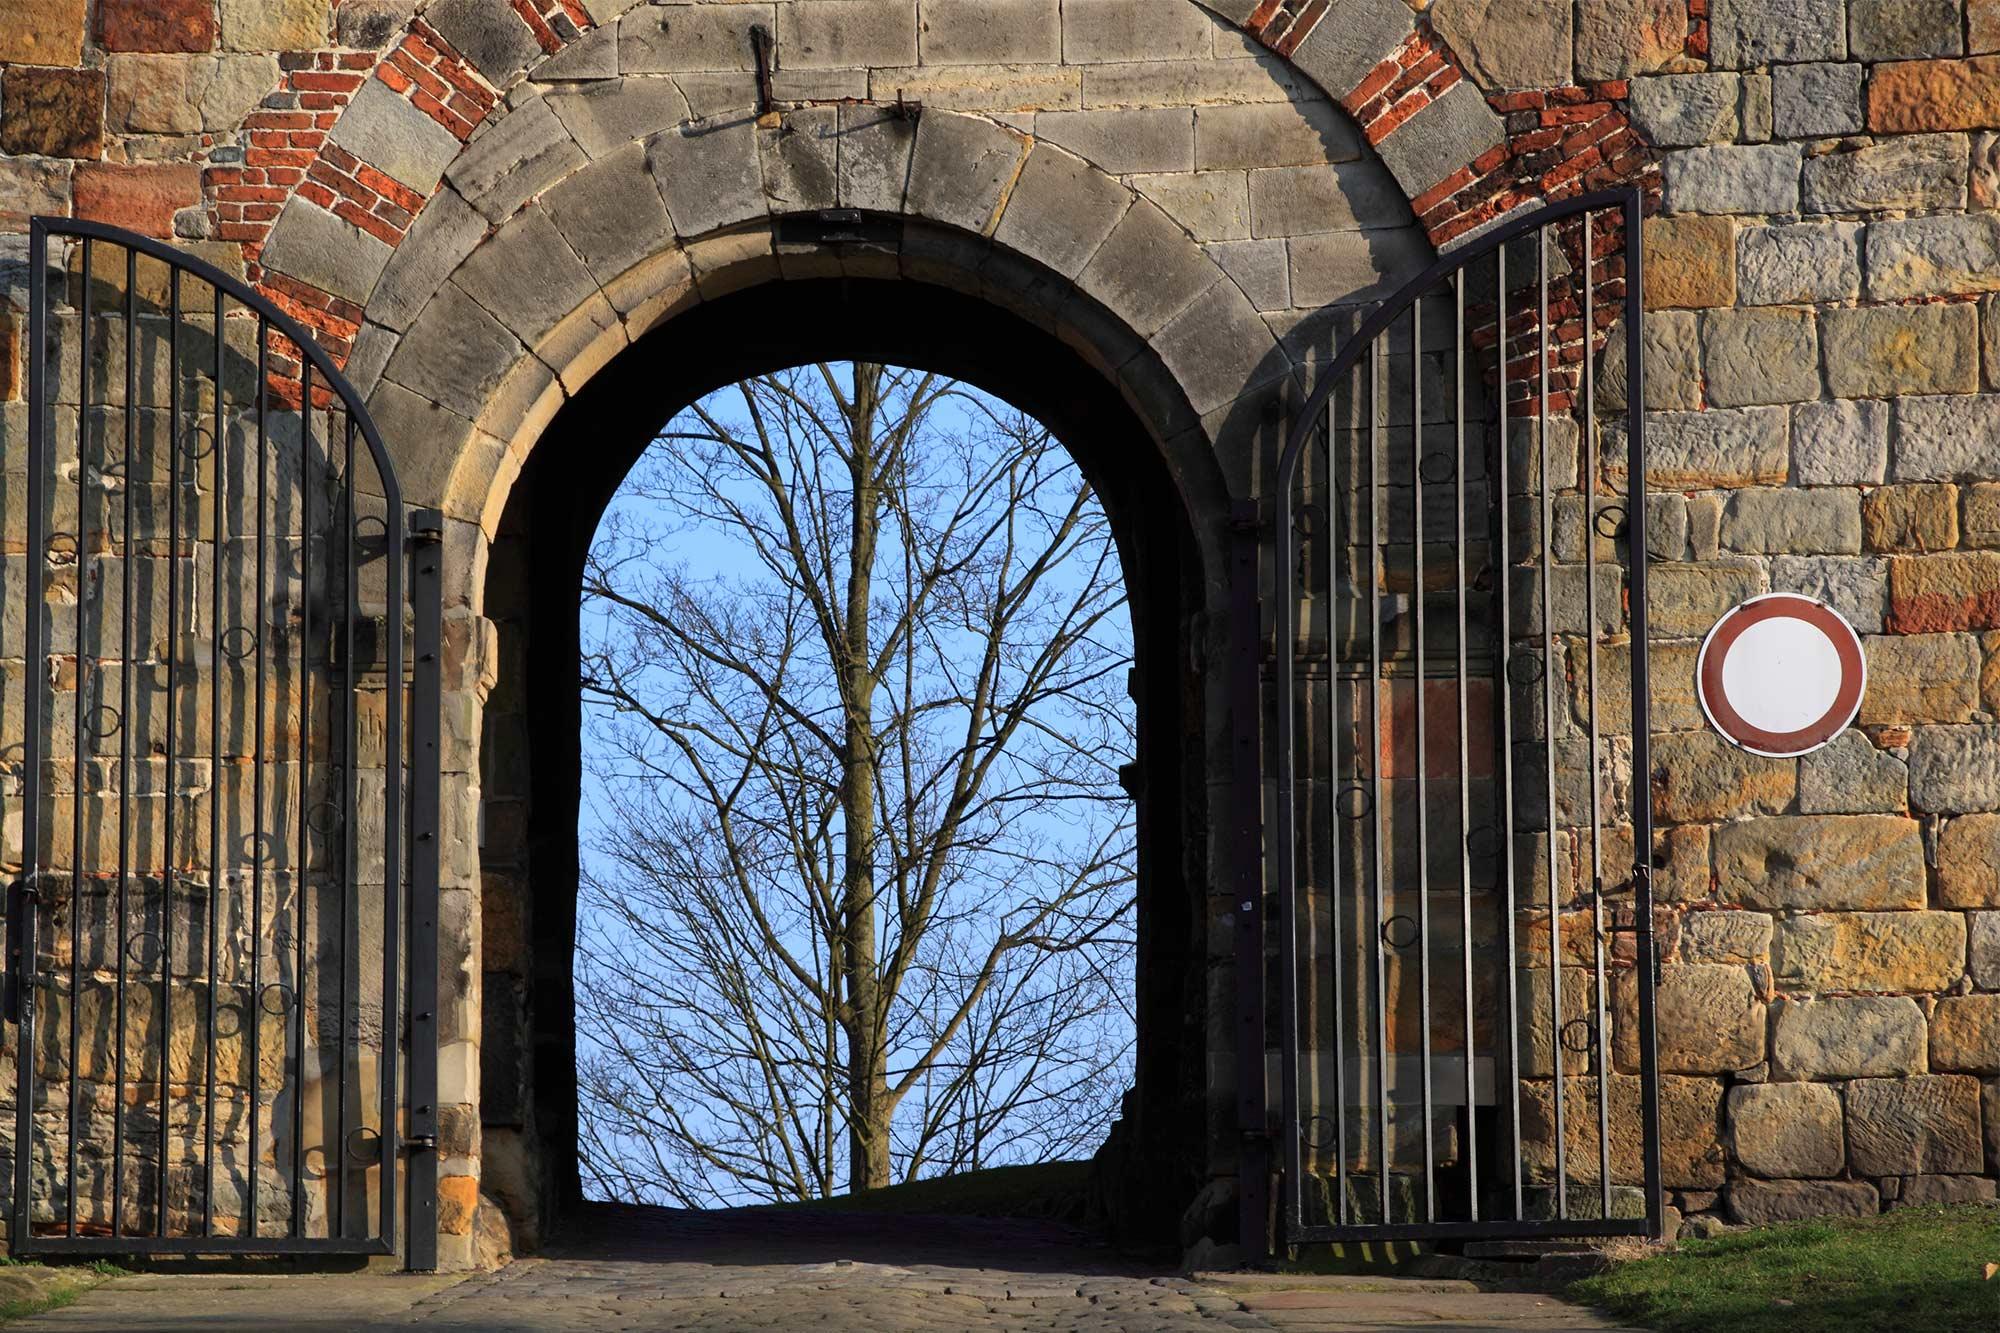 Beneden poort van de ingang naar de Burcht ©Thomas Wallmeyer